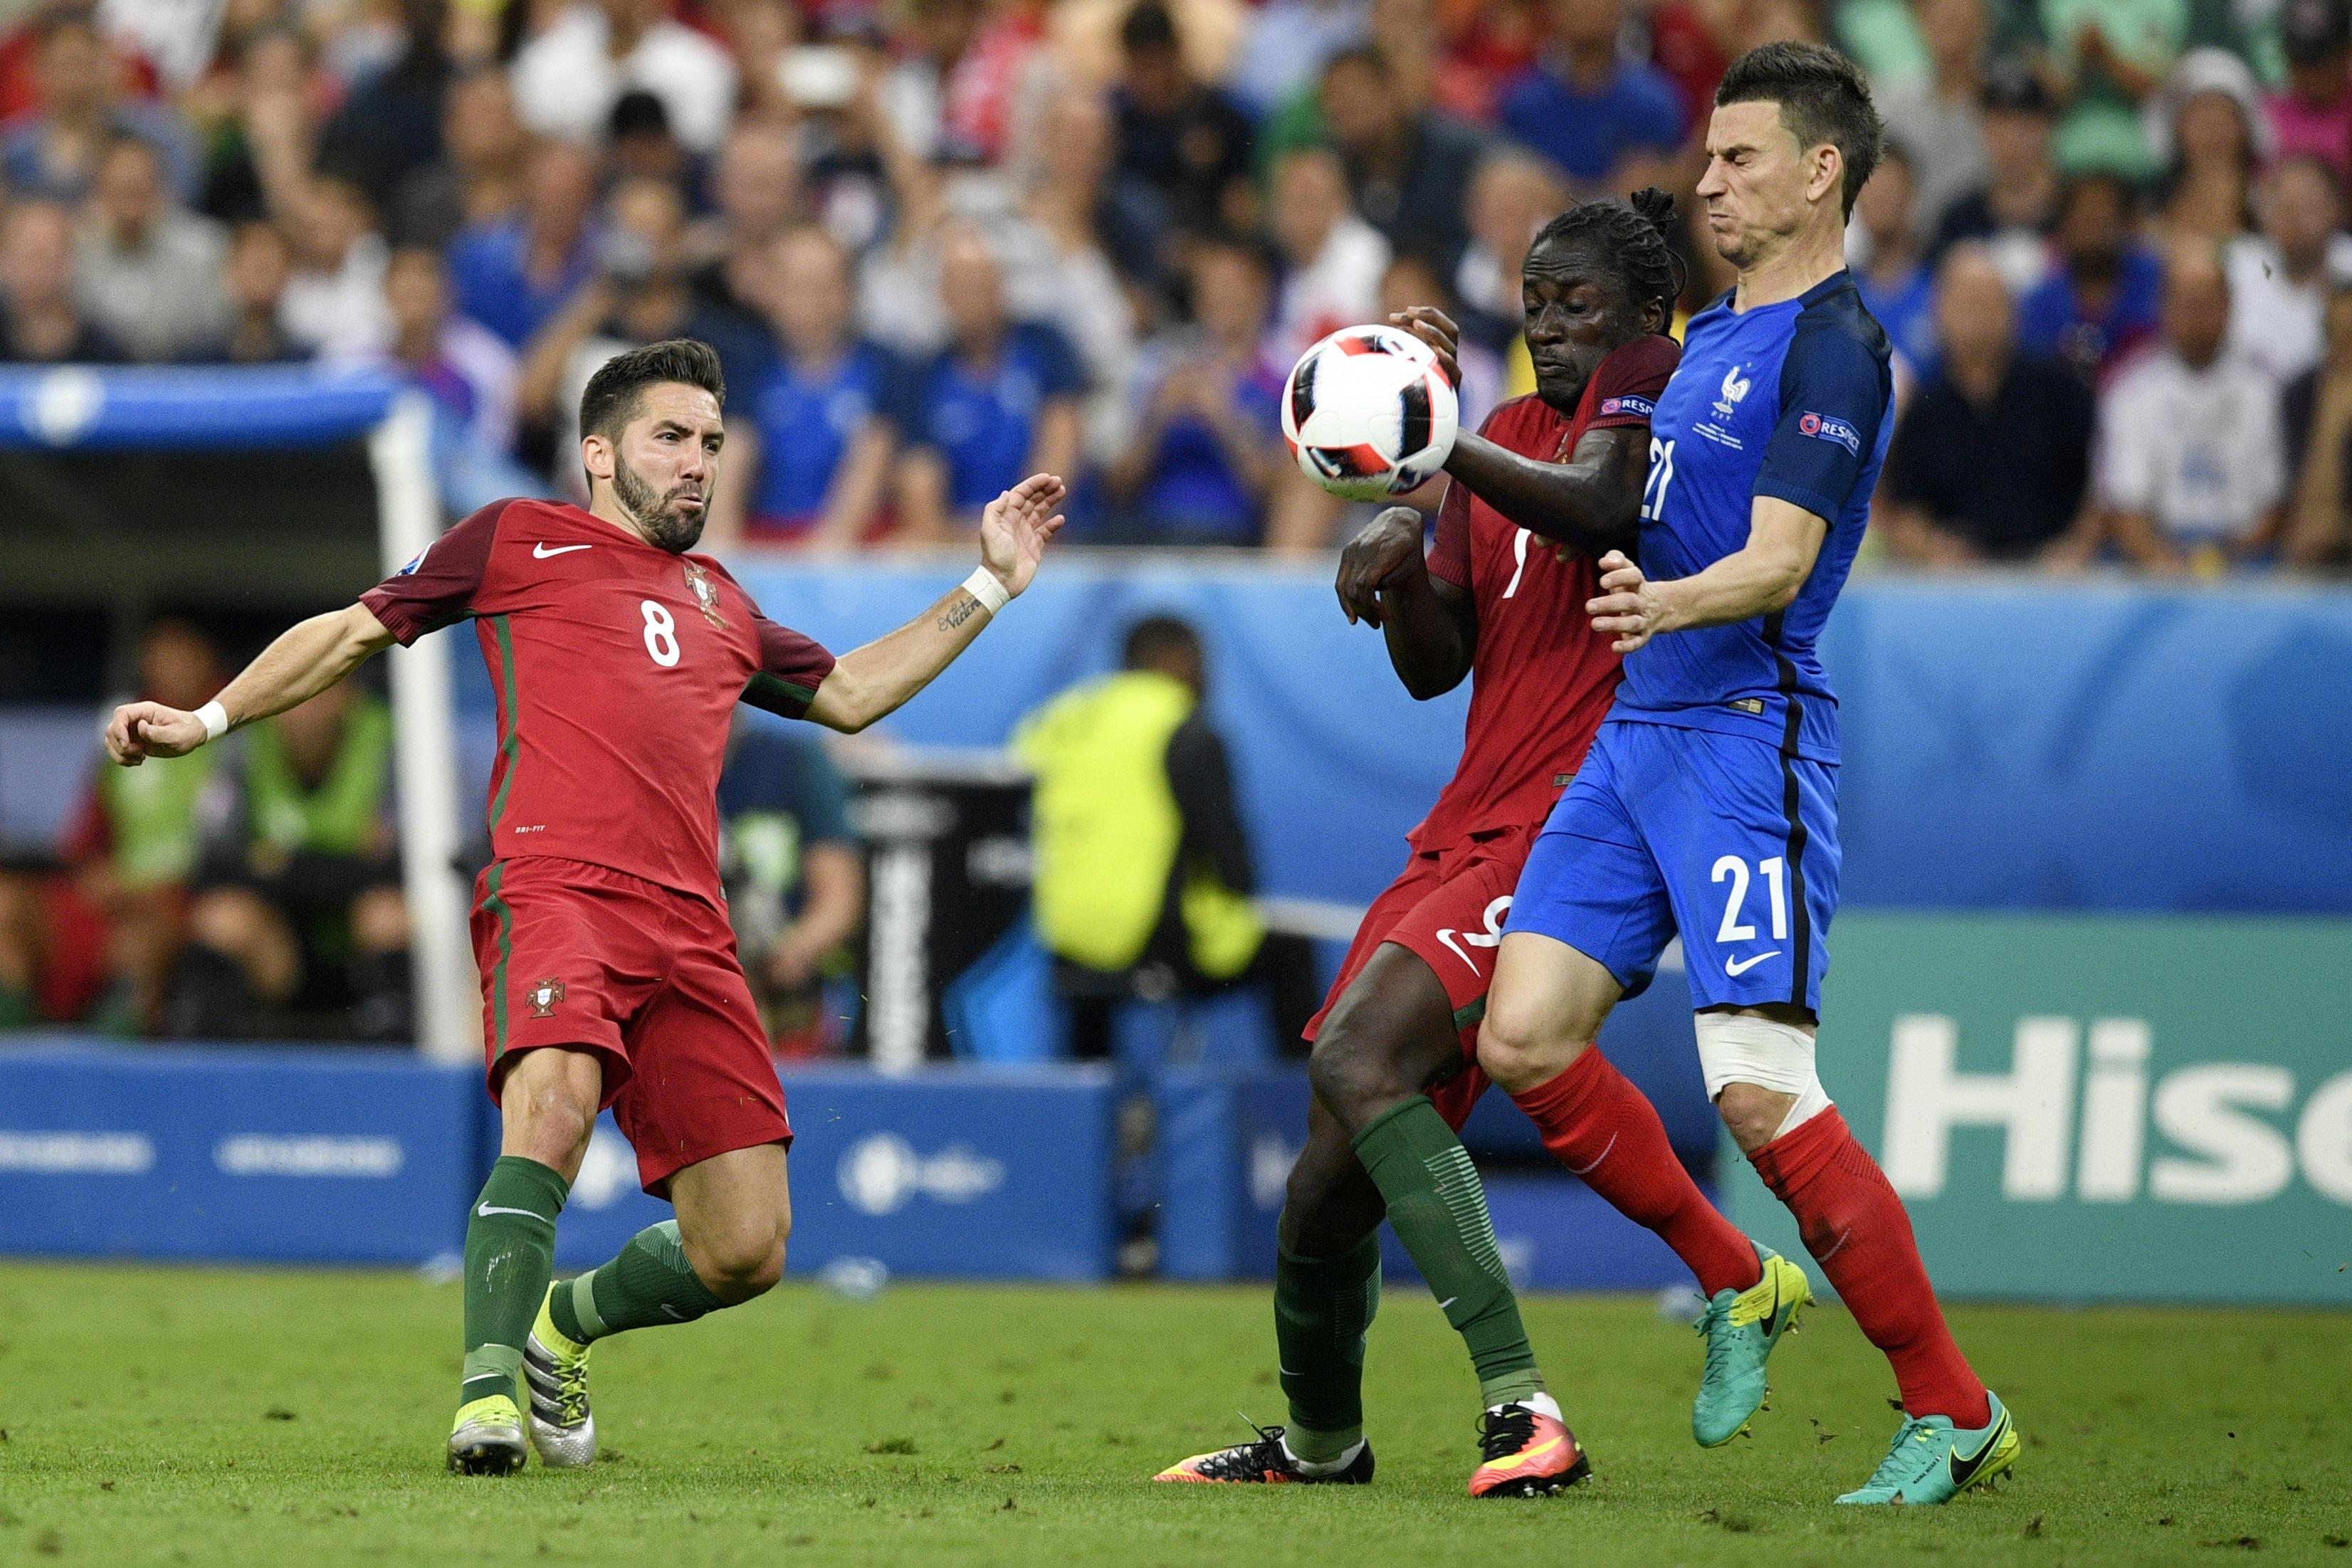 葡萄牙中場球員摩天奴(左)、葡萄牙前鋒艾達盧比斯(中)及法國後衛哥斯尼(右)在比賽中。(MARTIN BUREAU/AFP)